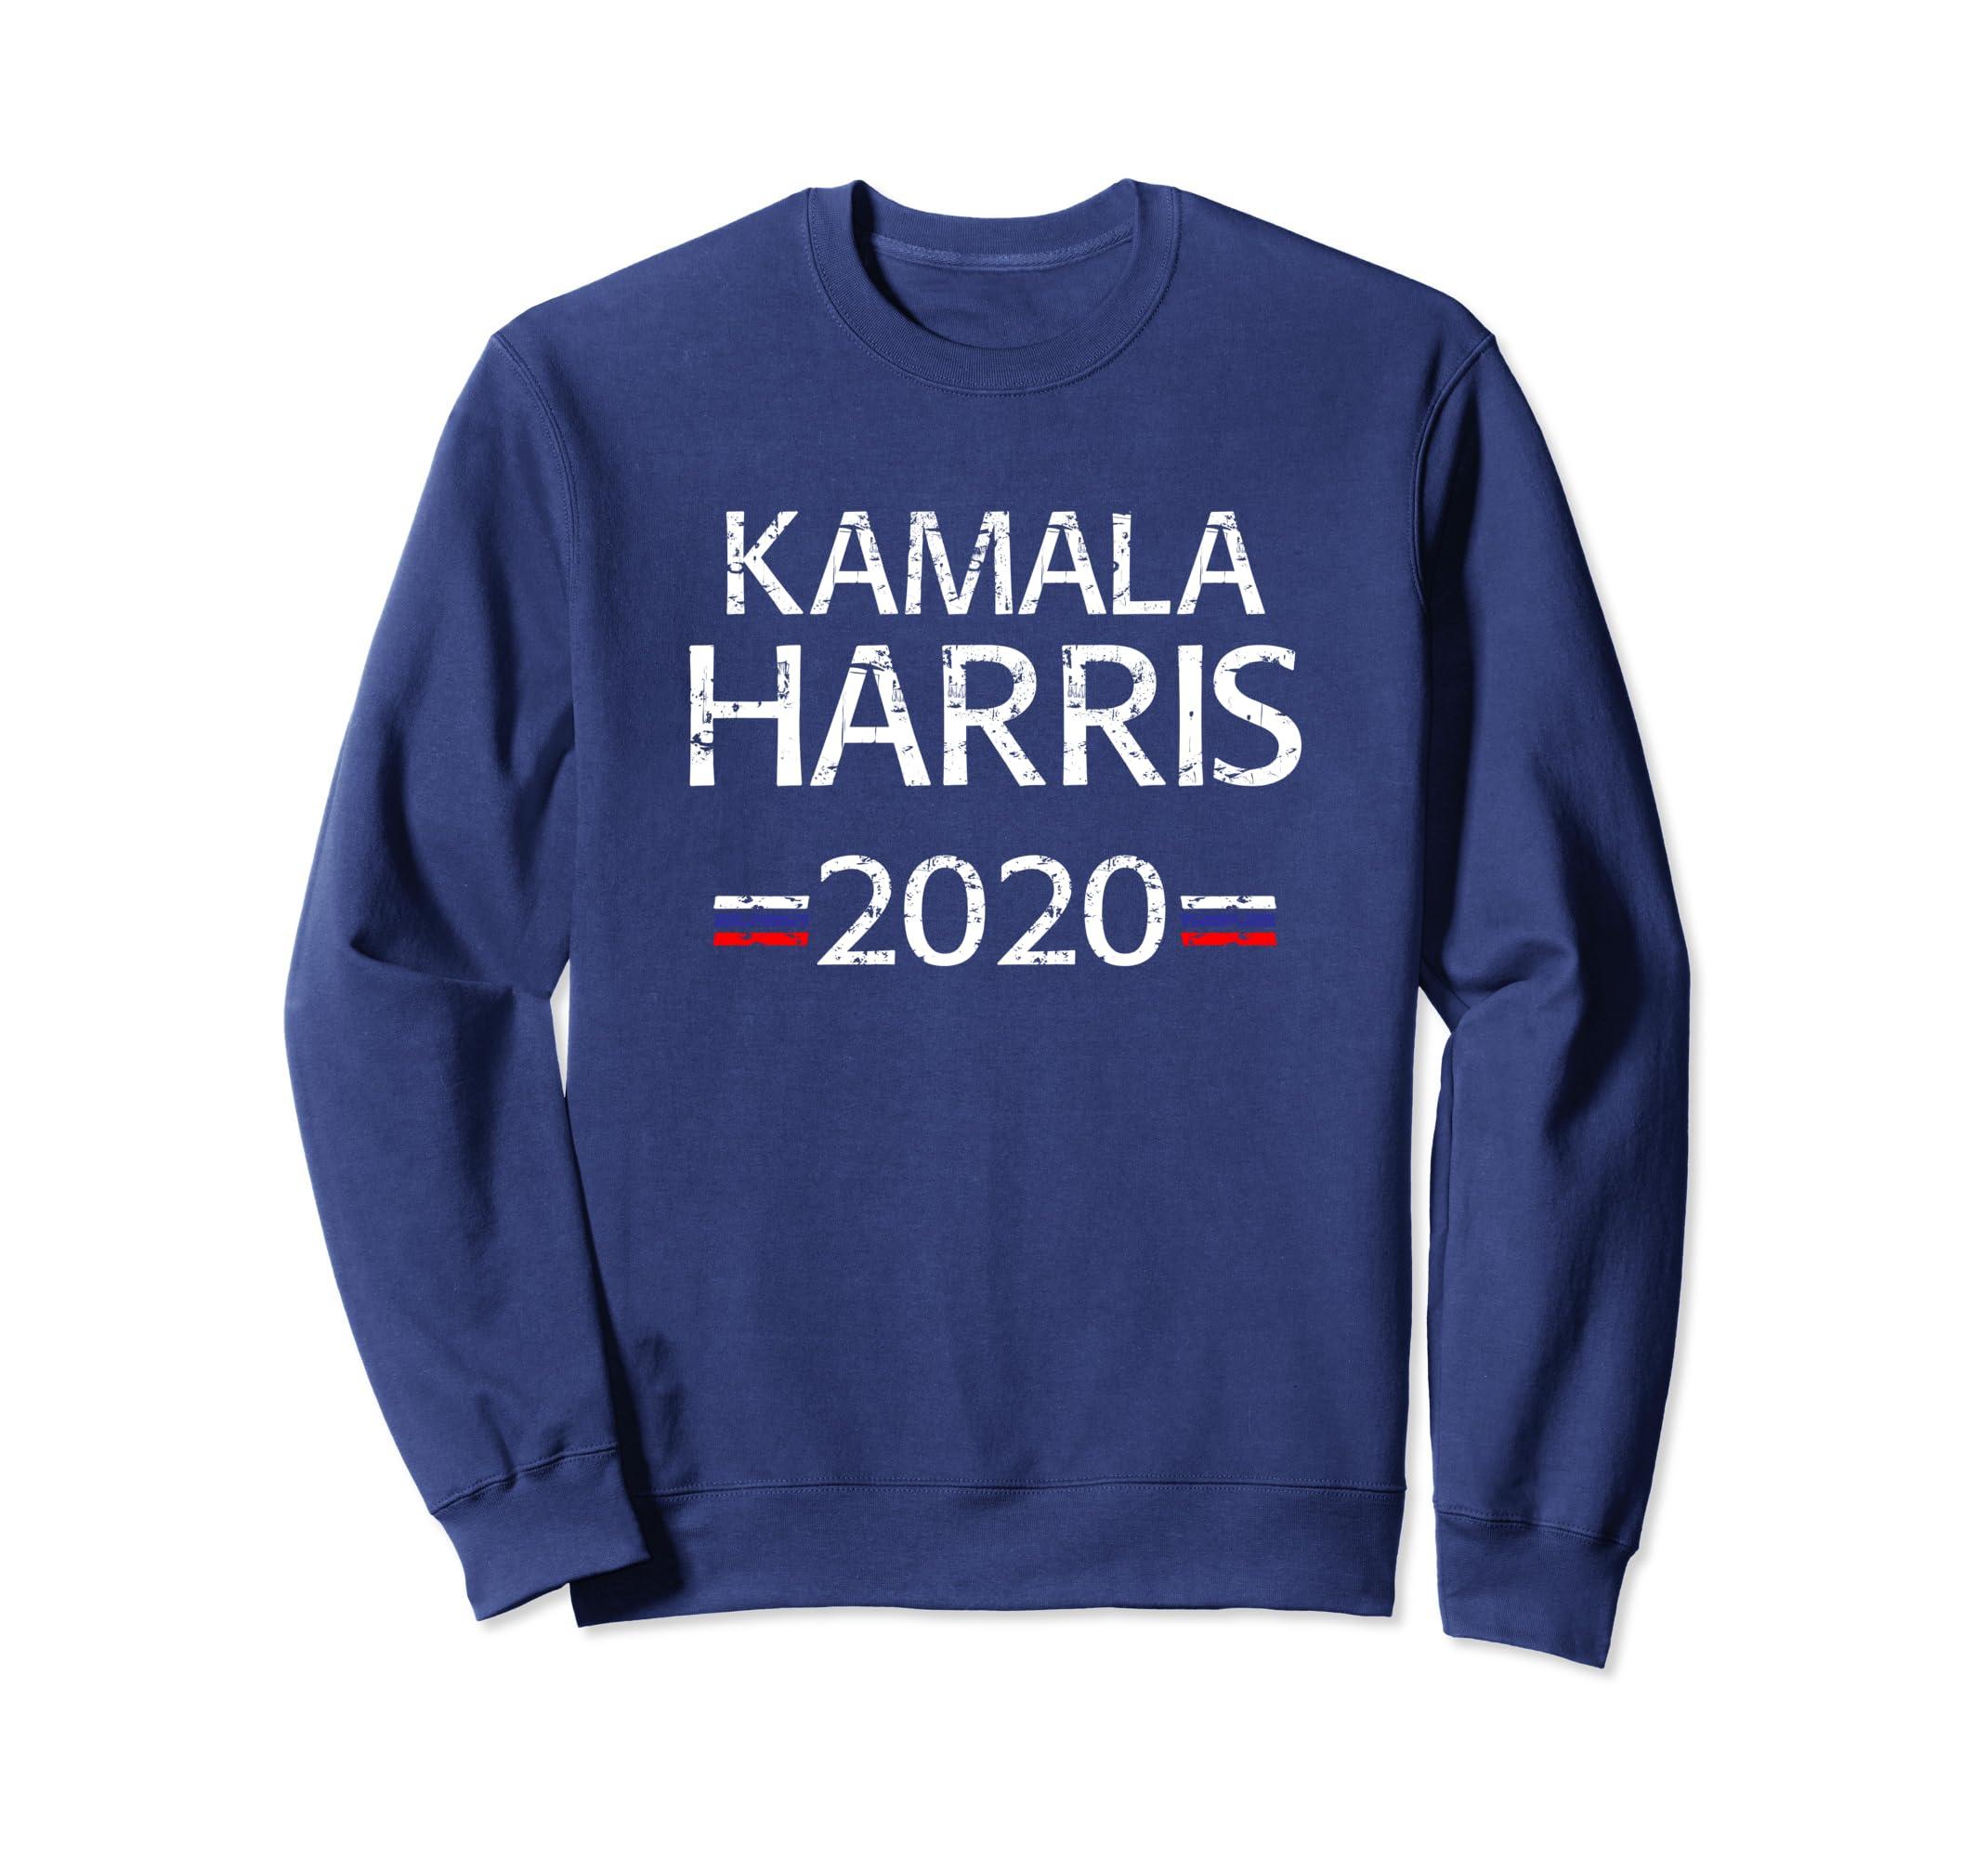 c3e3712a7a8 Amazon.com  Kamala Harris 2020 Sweatshirt